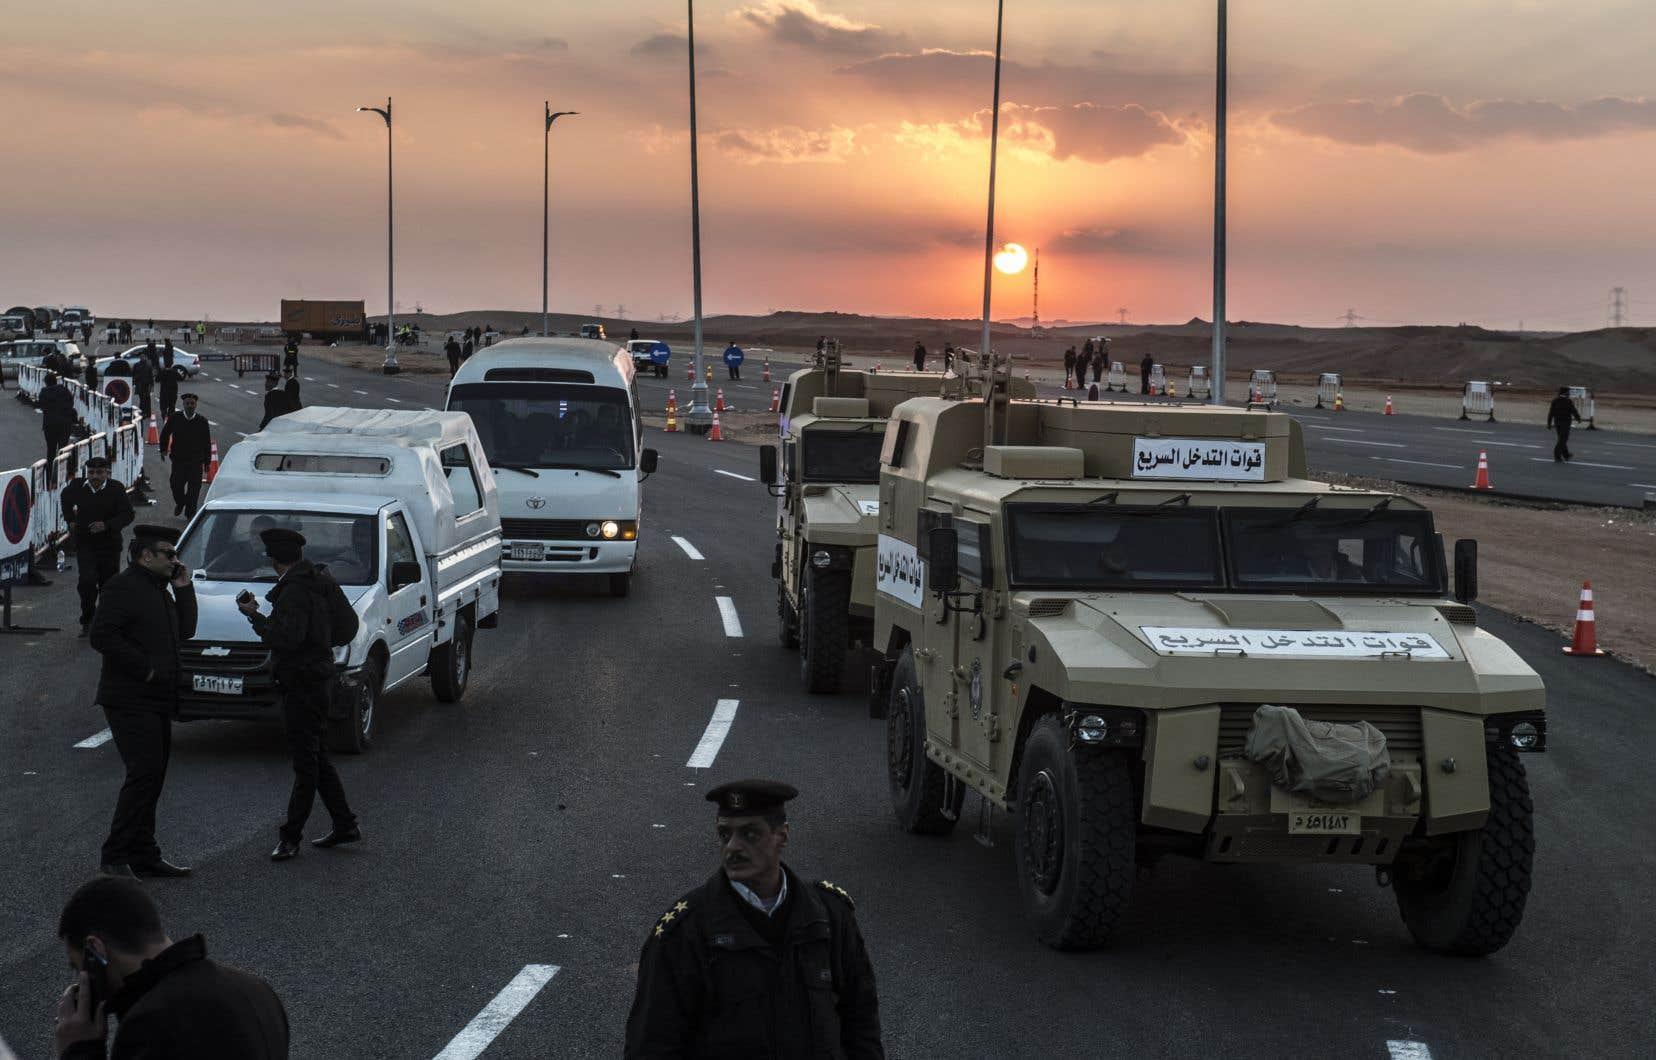 L'instauration de l'état d'urgence en avril faisait suite à deux attentats meurtriers dans des églises coptes, à Tanta et à Alexandrie.